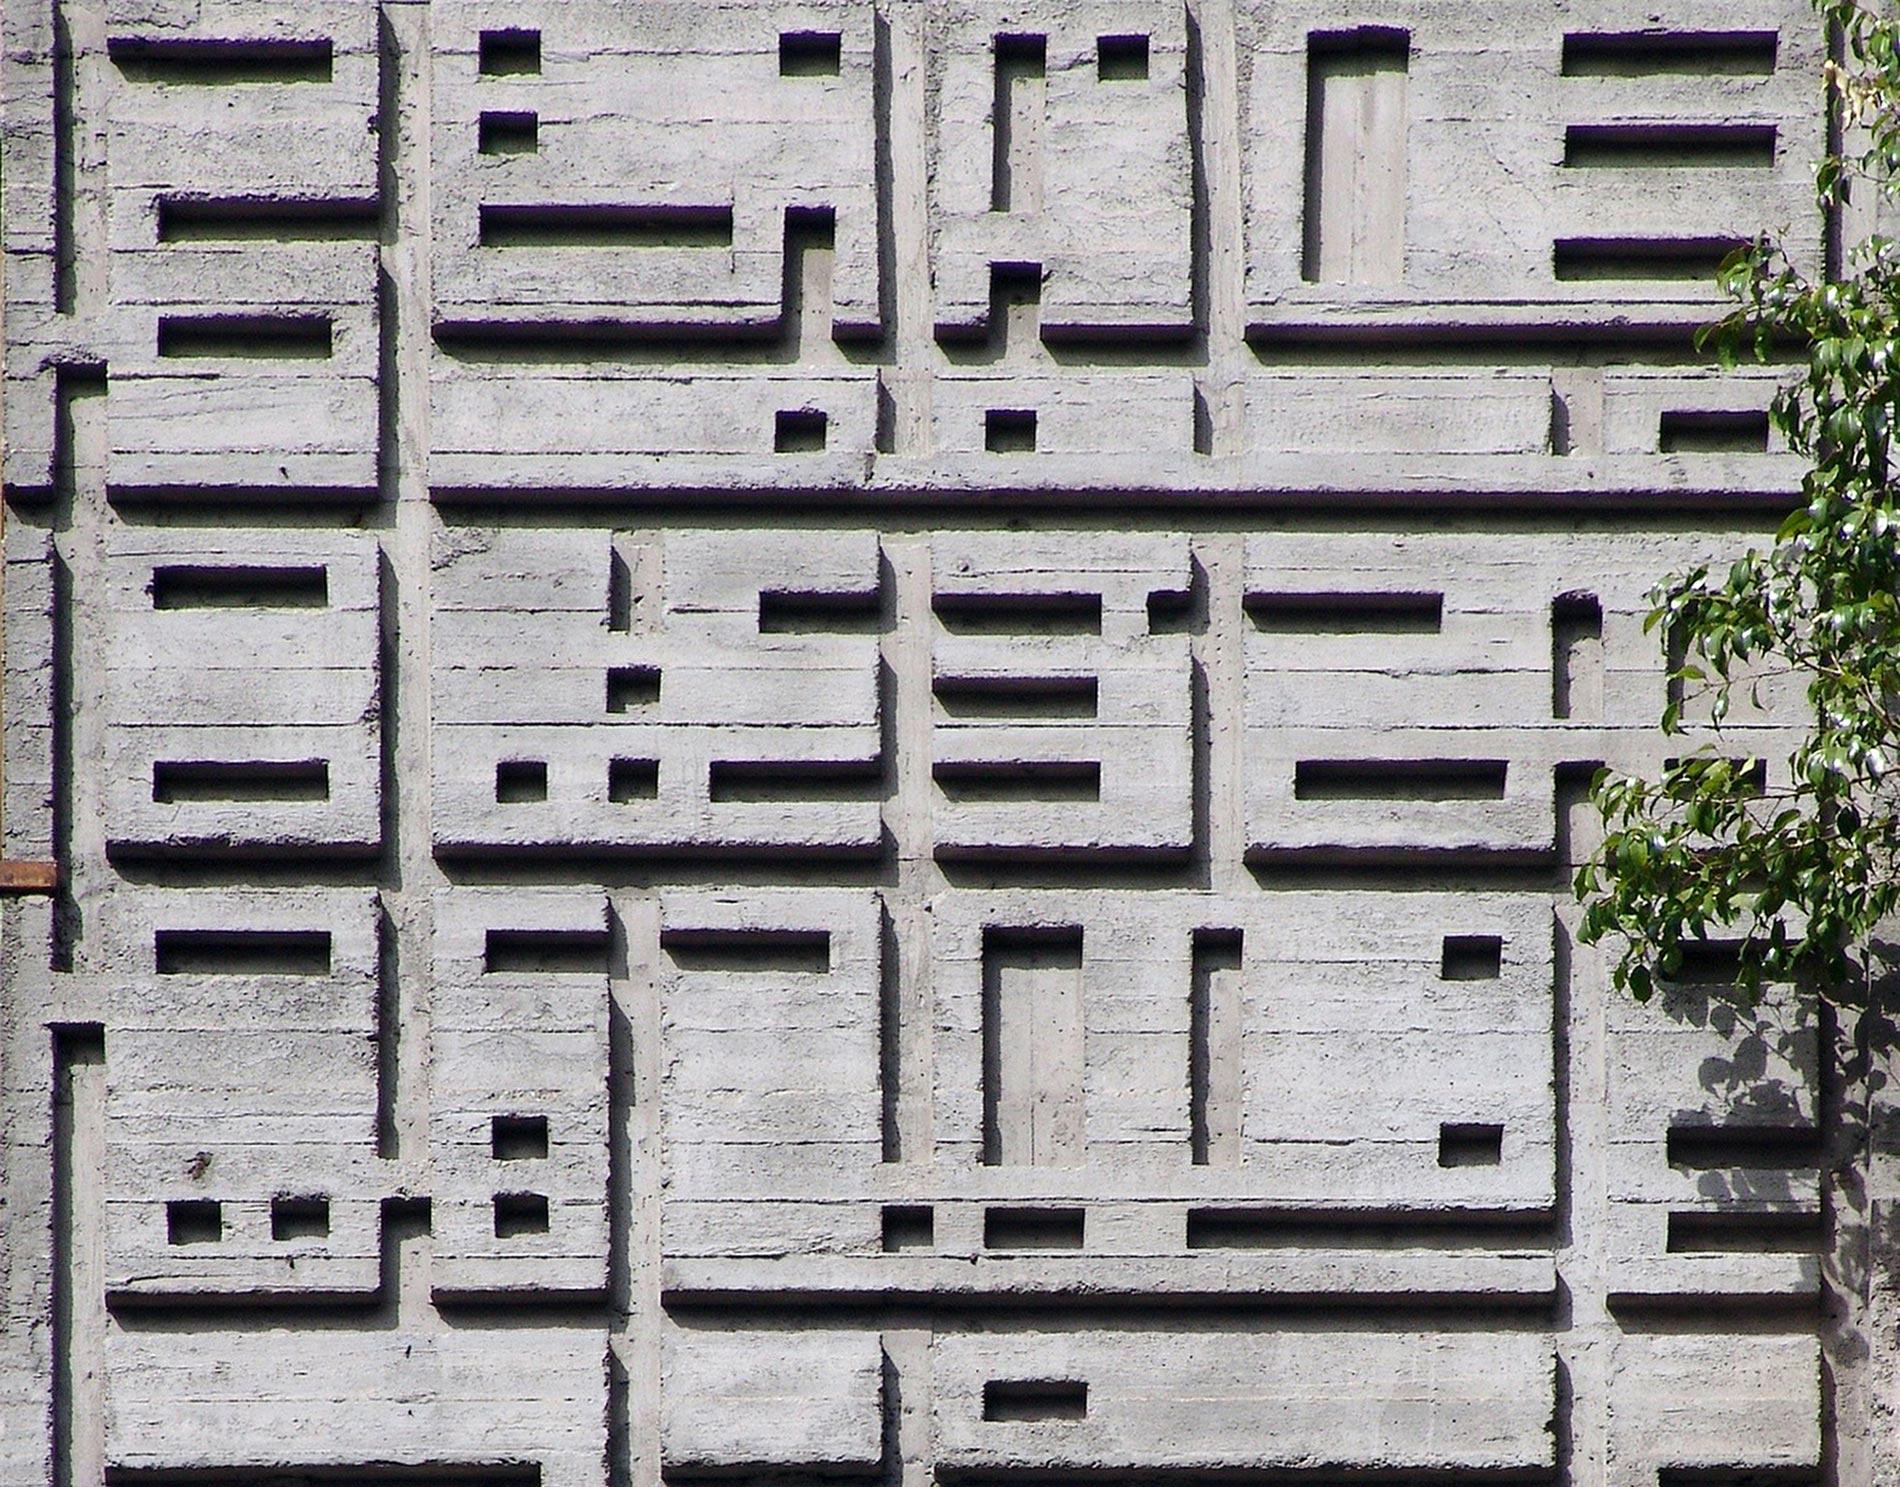 Όταν η τέχνη συναντά την αρχιτεκτονική